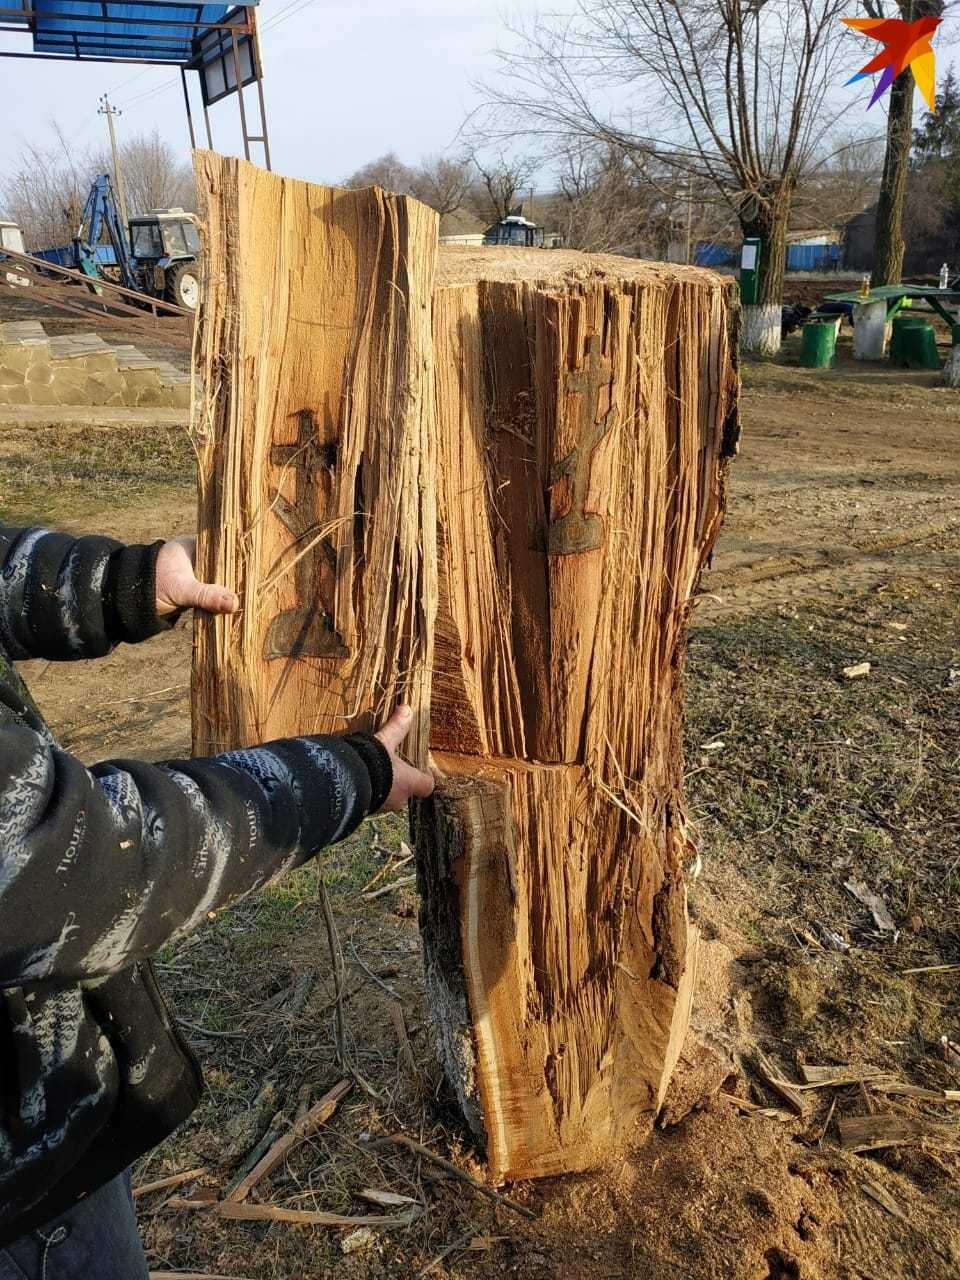 Жители хутора не стали убирать этот ствол, оставили его на месте